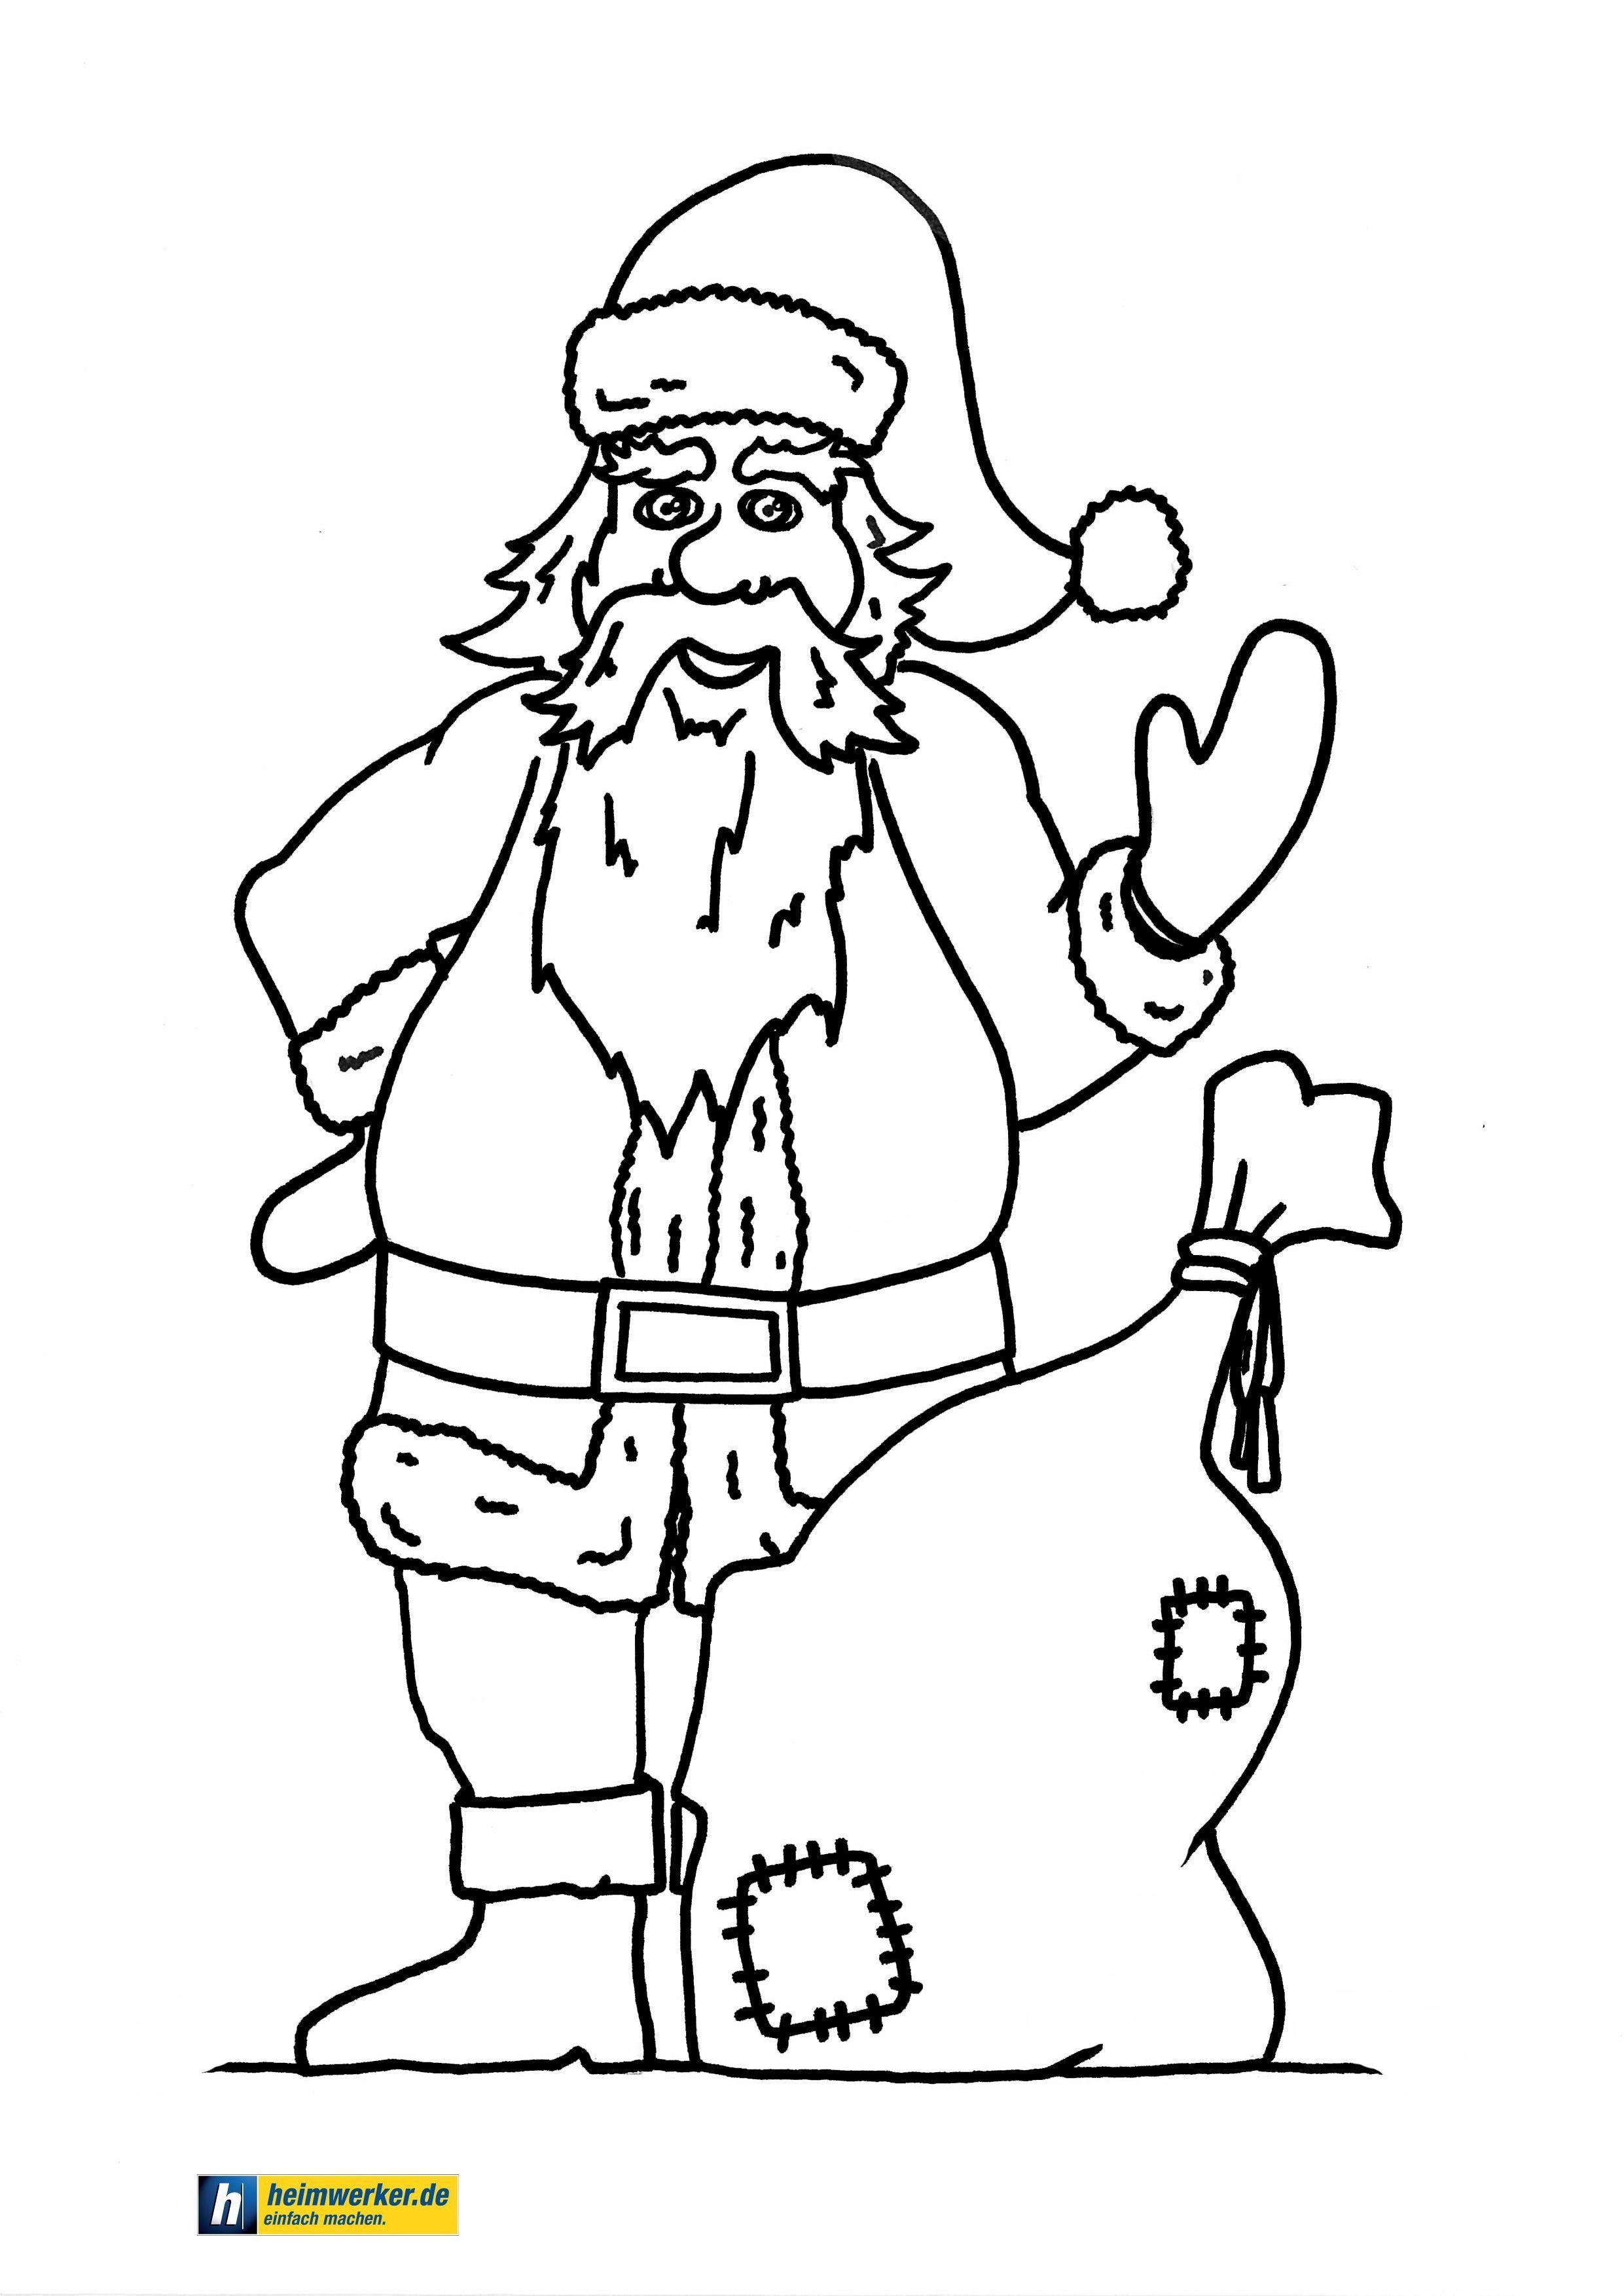 malvorlagen weihnachtsmann online  aiquruguay